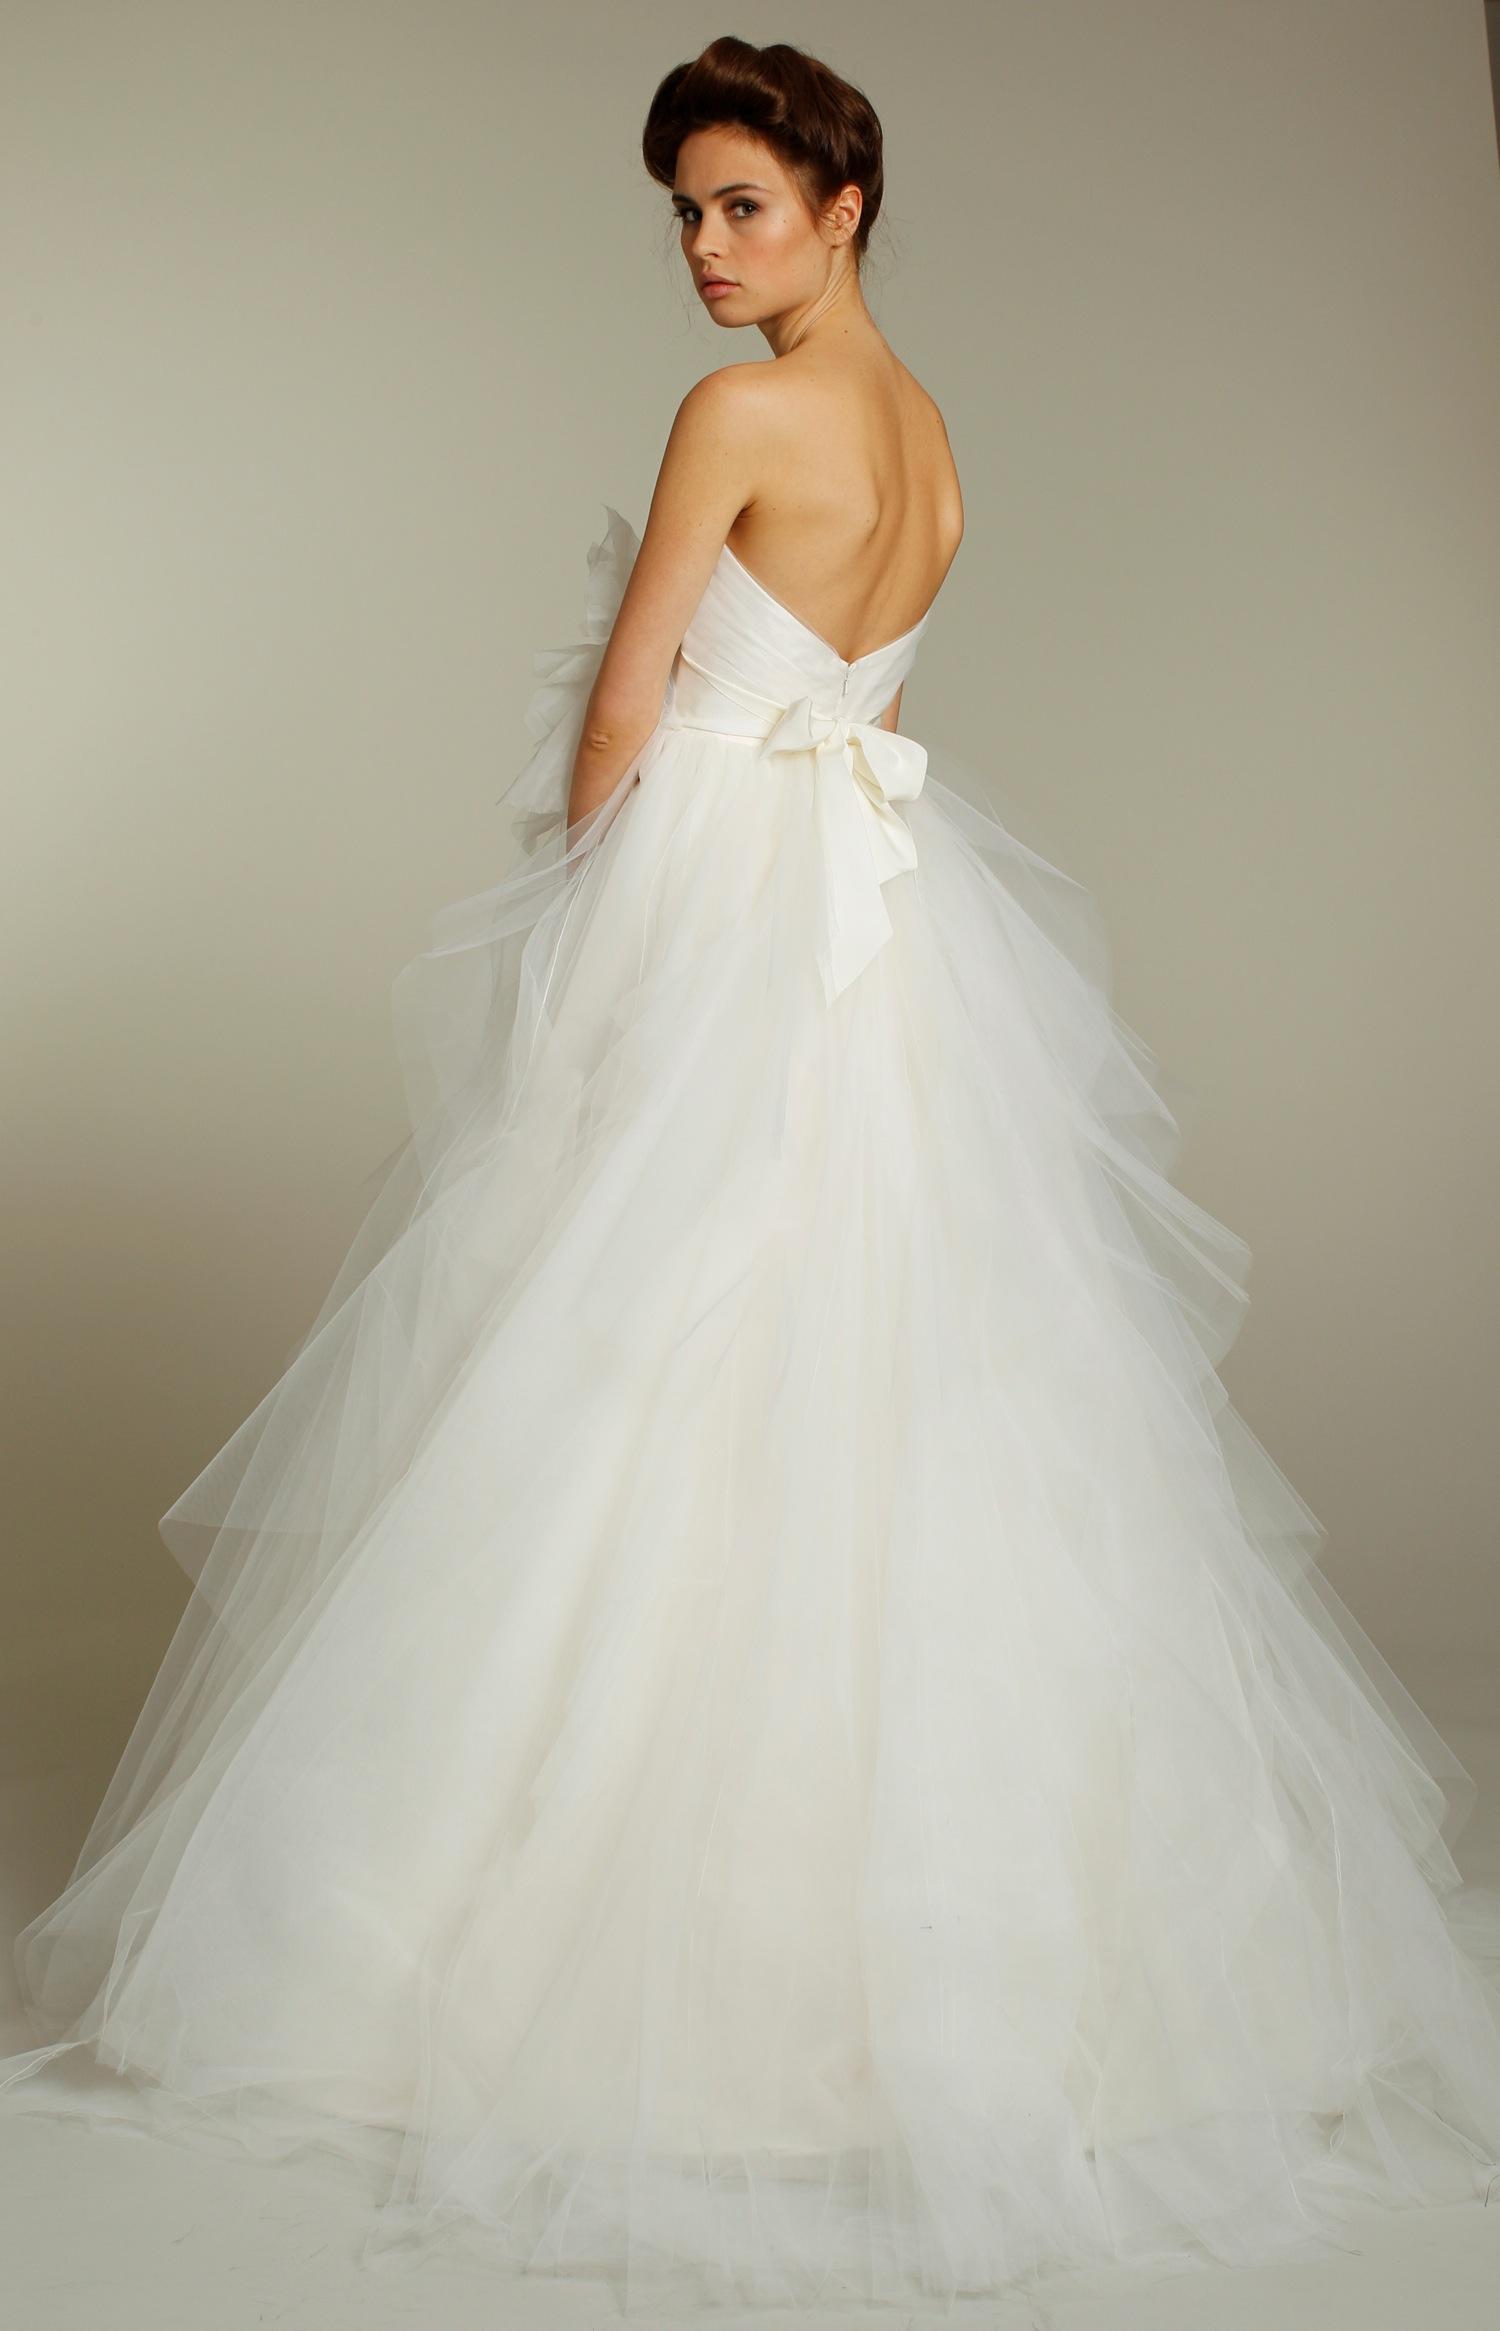 ballerina inspired wedding tulle wedding dress images about Ballerina inspired wedding on Pinterest Adobe Ballet and Tulle wedding dresses